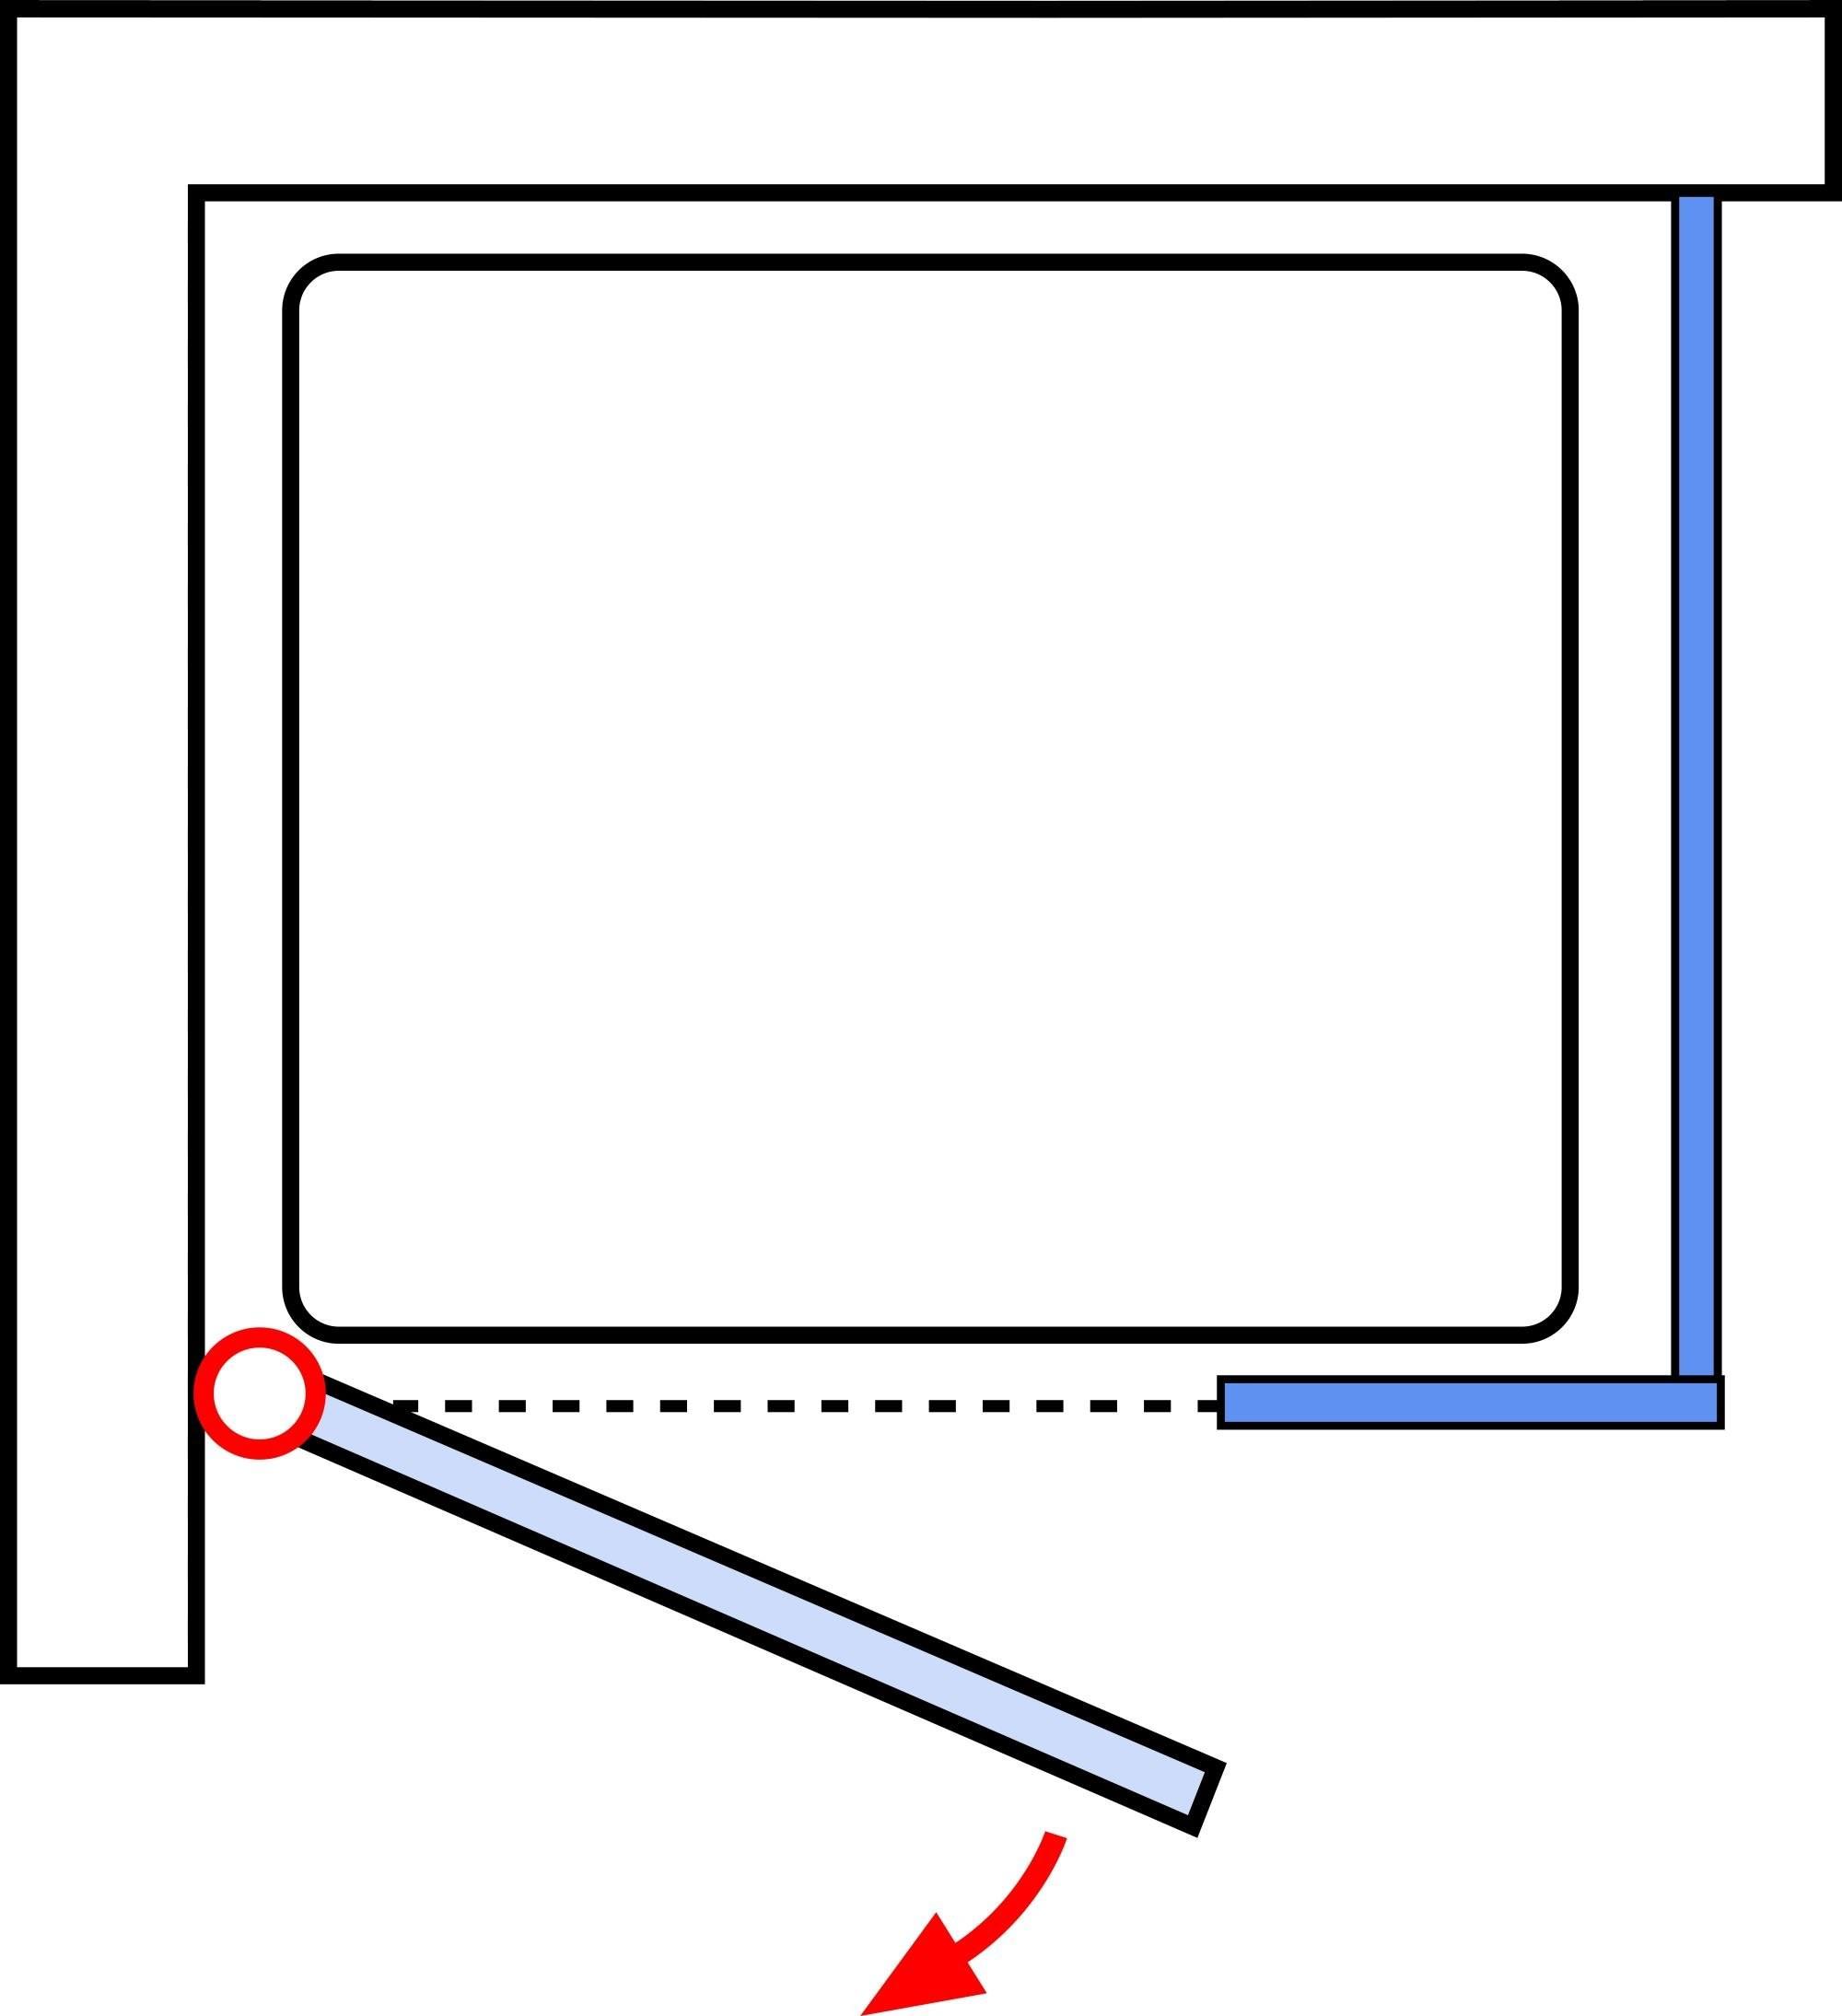 schulte davita dreht r mit nebenteil mit seitenwand echtglas inkl aufma und montage d48021. Black Bedroom Furniture Sets. Home Design Ideas